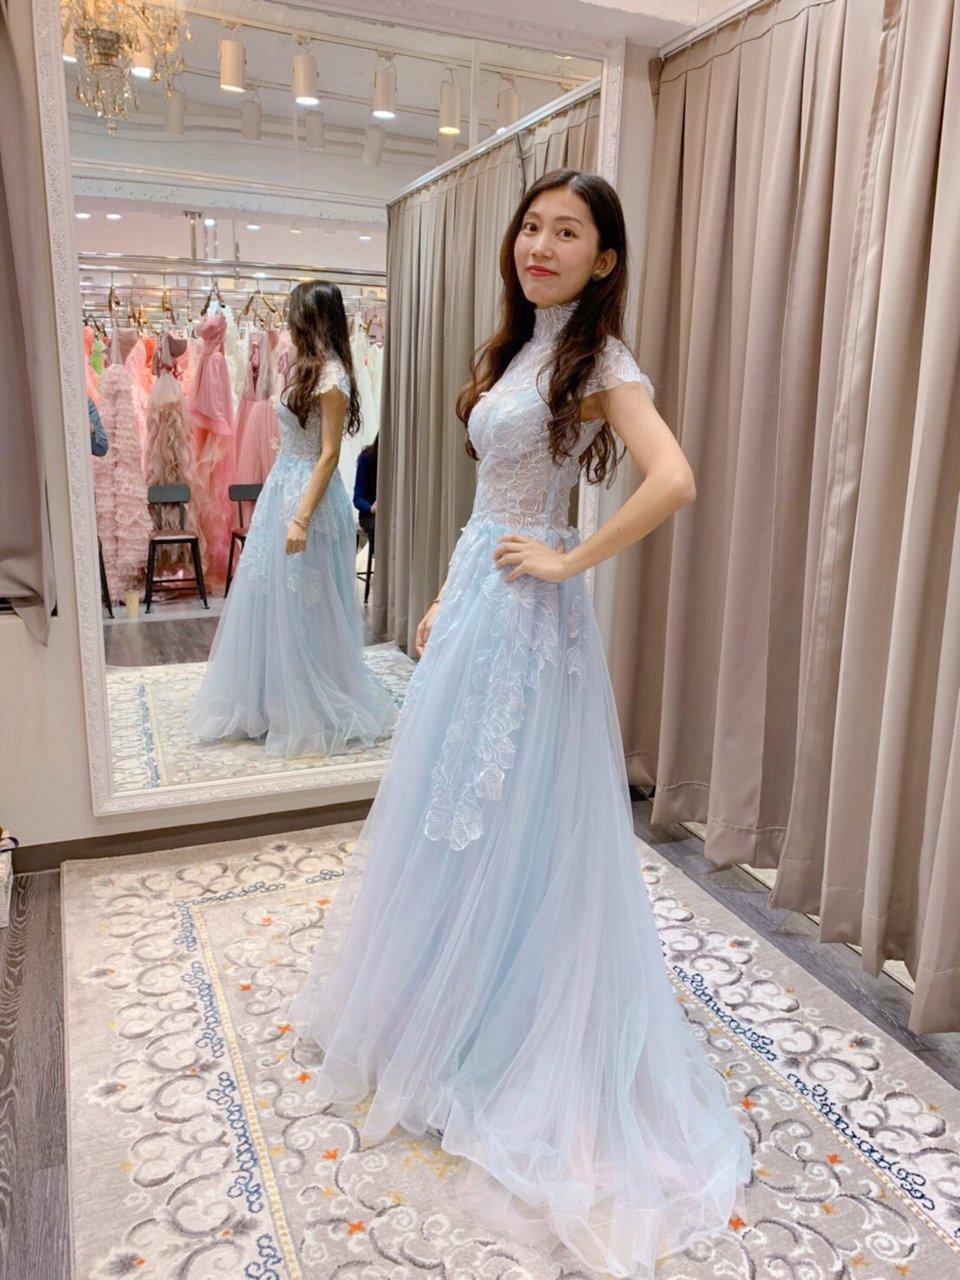 伊頓自助婚紗攝影工作室(台北西門店),【新竹伊頓自助婚紗】拍照婚紗試穿